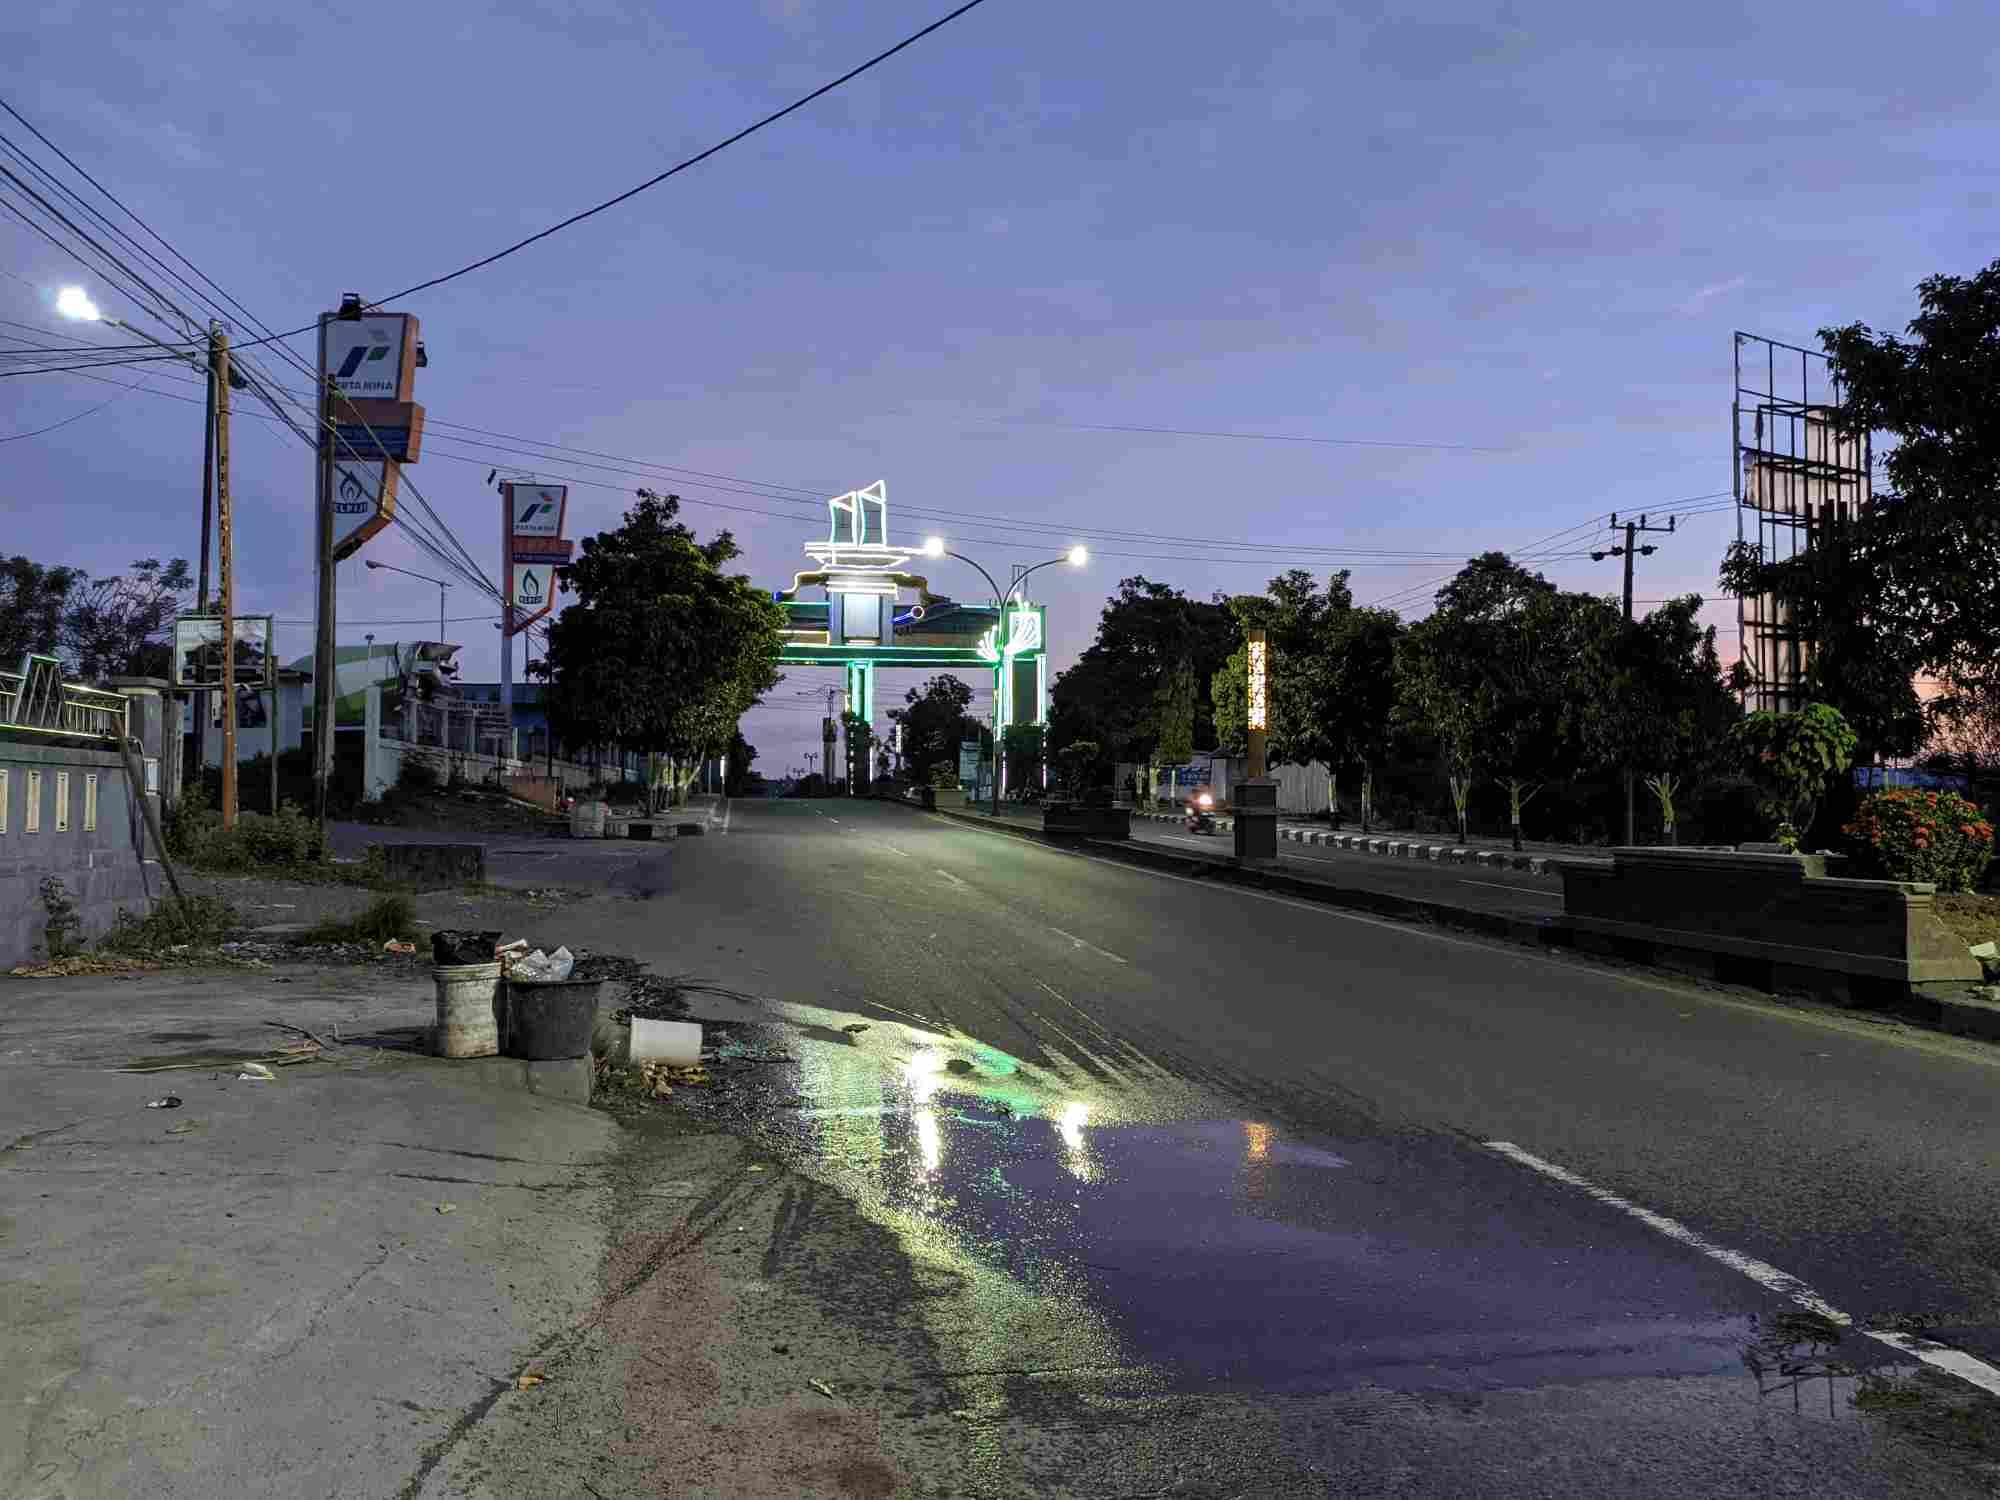 Menilik Pesatnya Perkembangan Kota Parepare, karena Wali Kota Parepare?